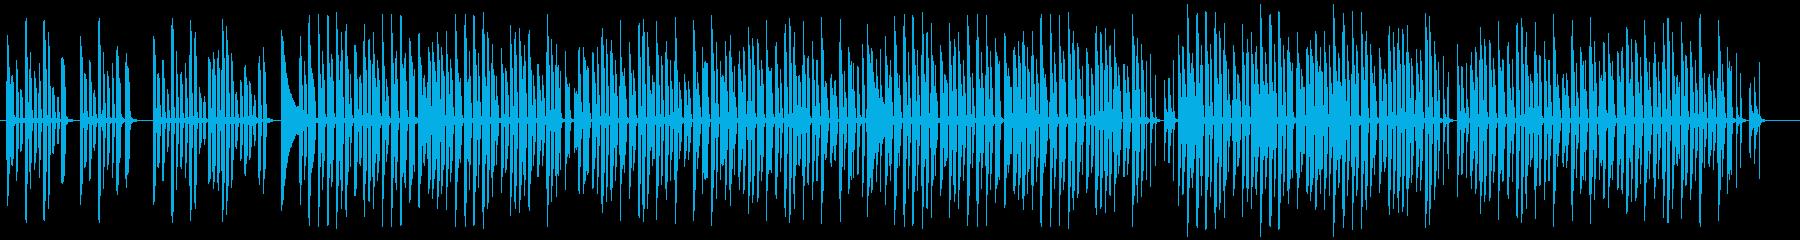 脱力系ほのぼの愉快なBGMの再生済みの波形